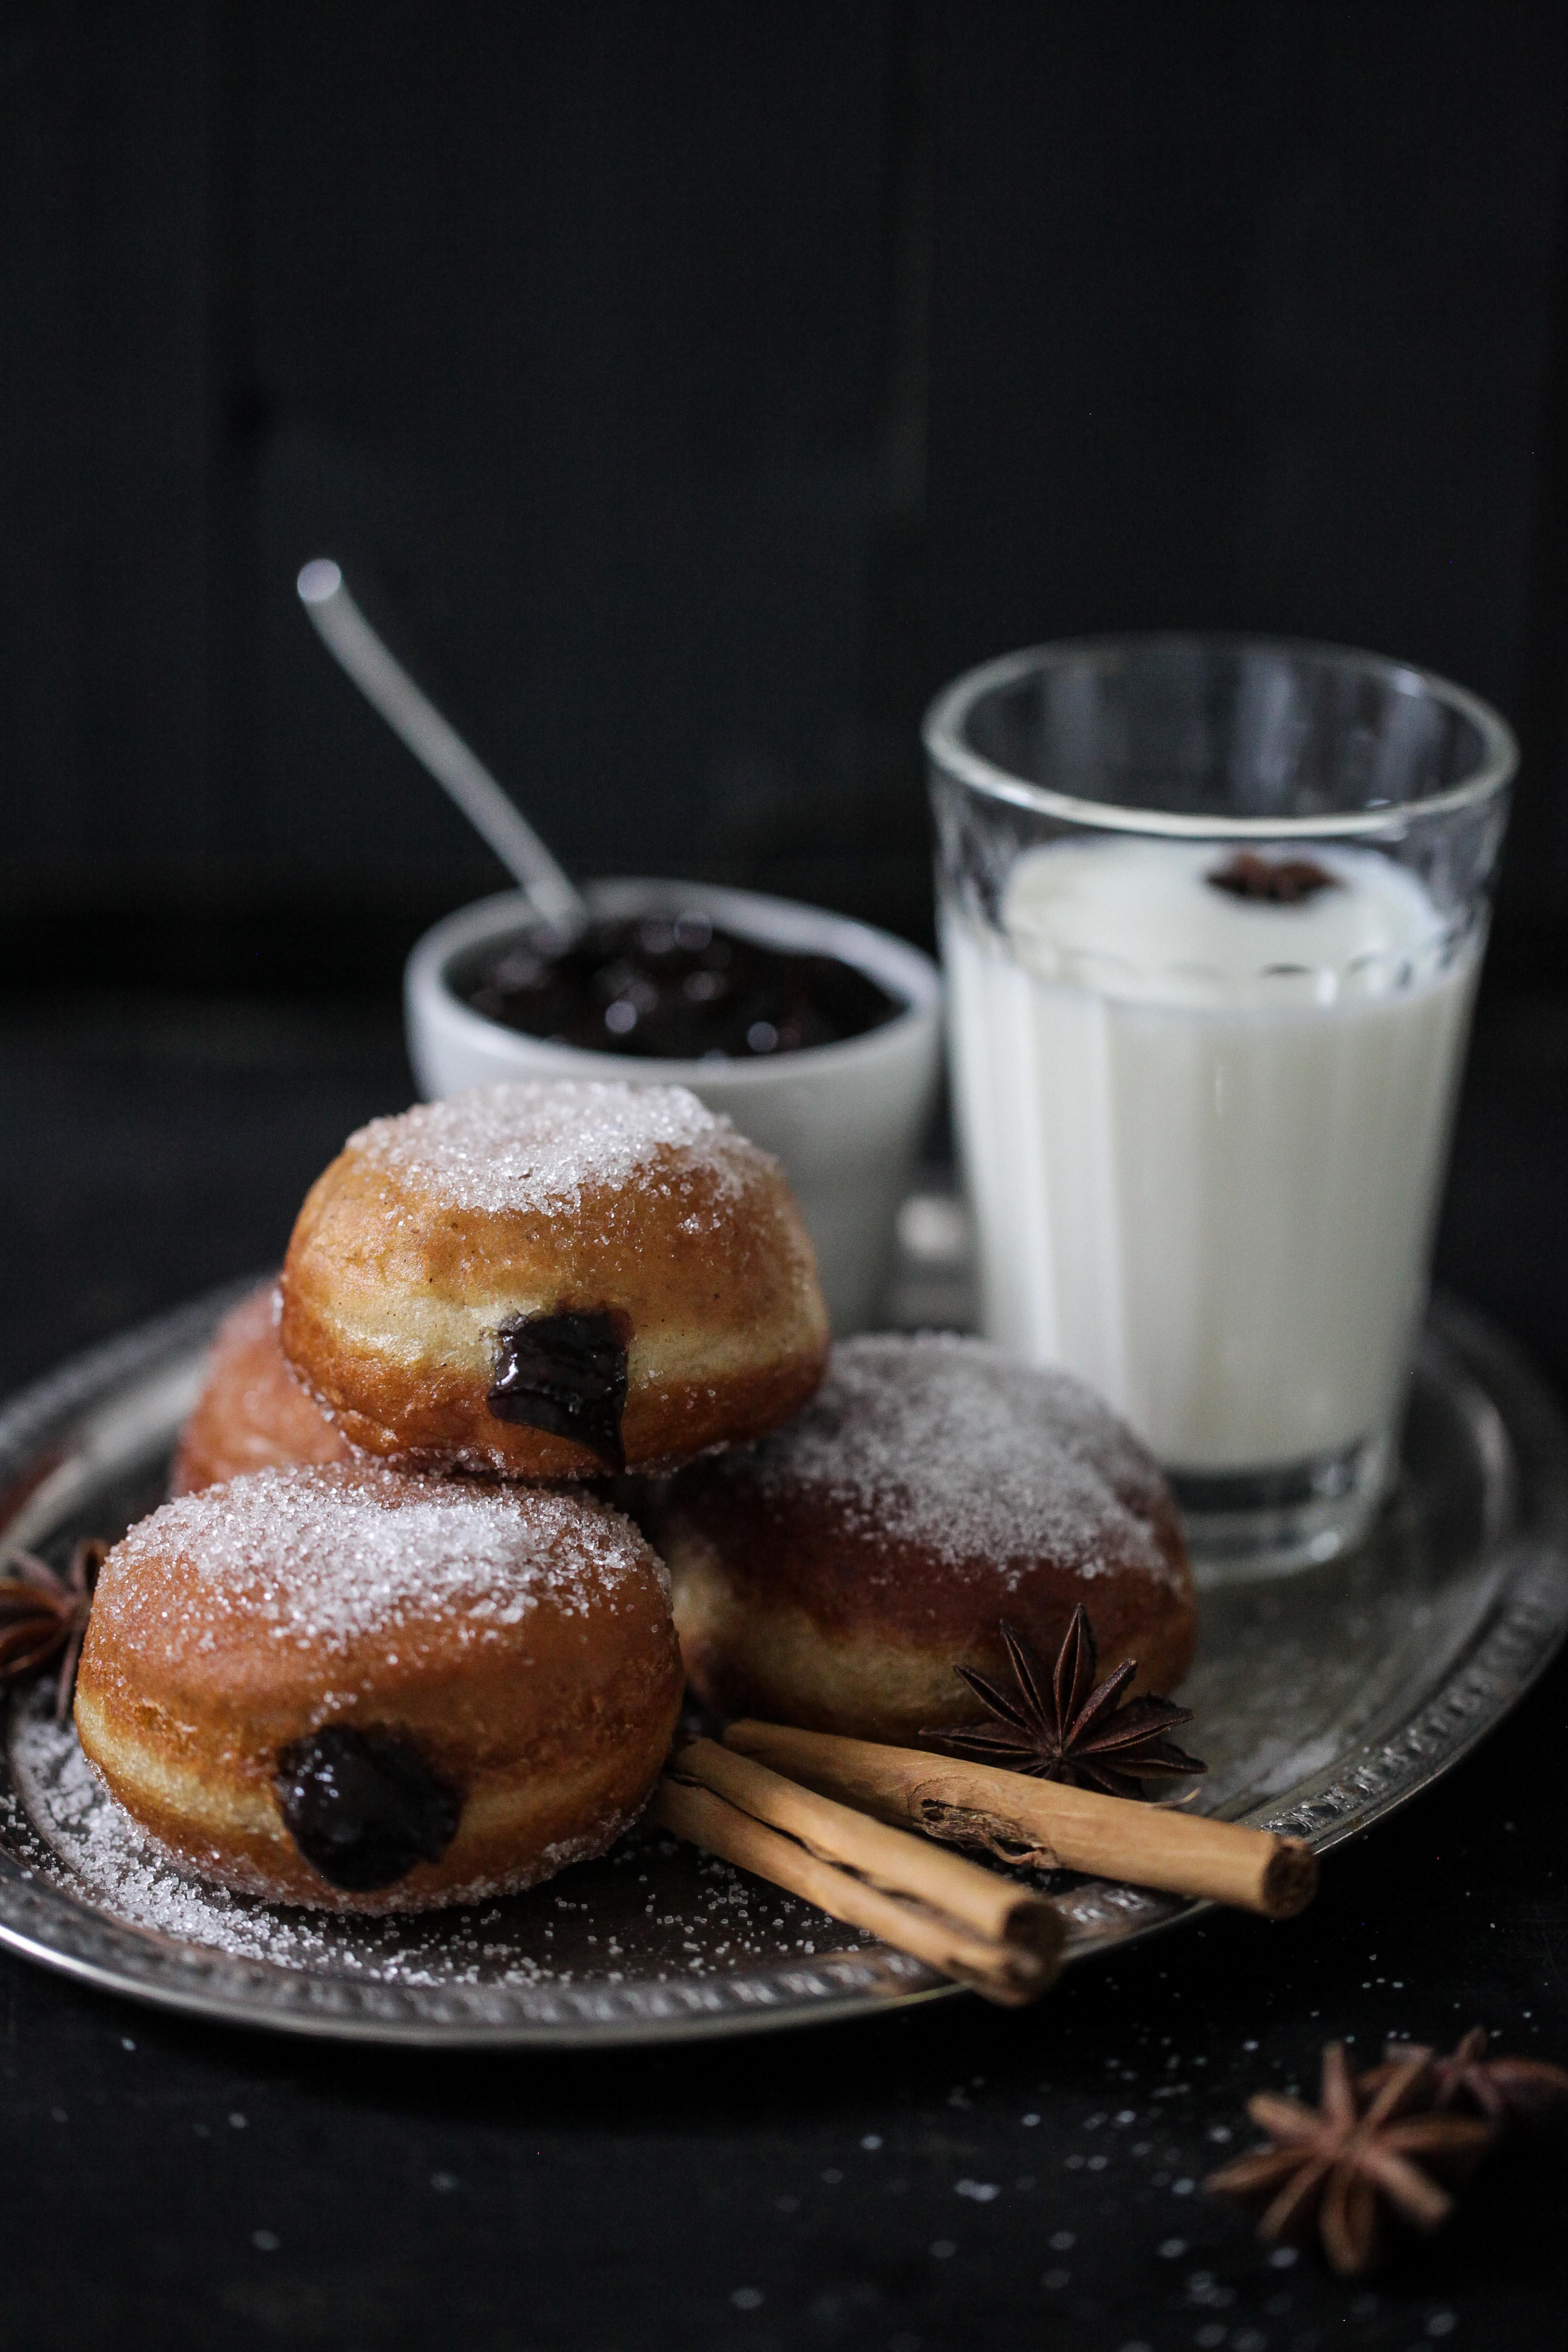 rezept berliner pfannkuchen im backofen hausrezepte von beliebten kuchen. Black Bedroom Furniture Sets. Home Design Ideas